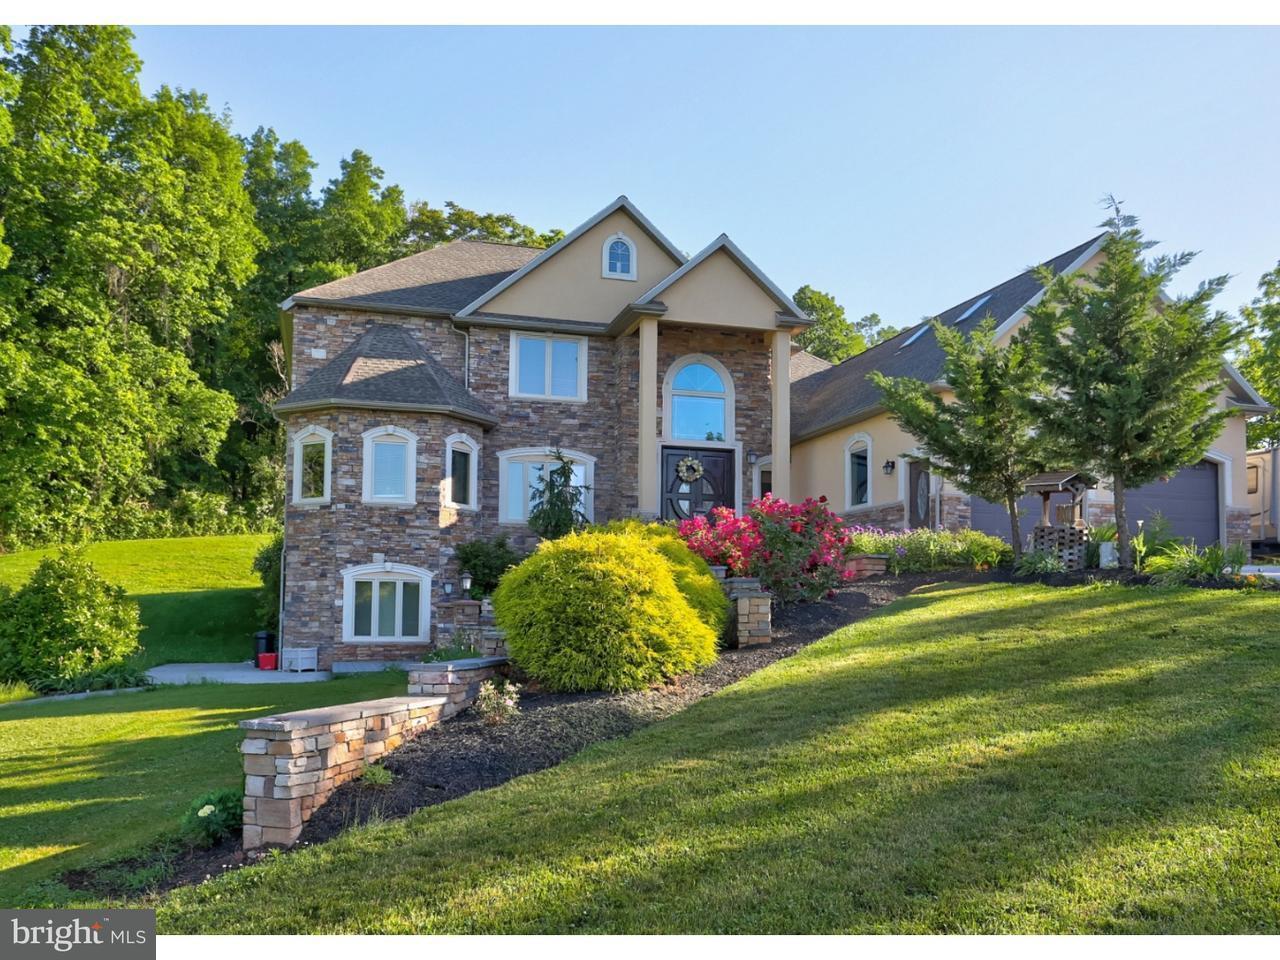 独户住宅 为 销售 在 70 HORSESHOE TRAIL Road Denver, 宾夕法尼亚州 17517 美国